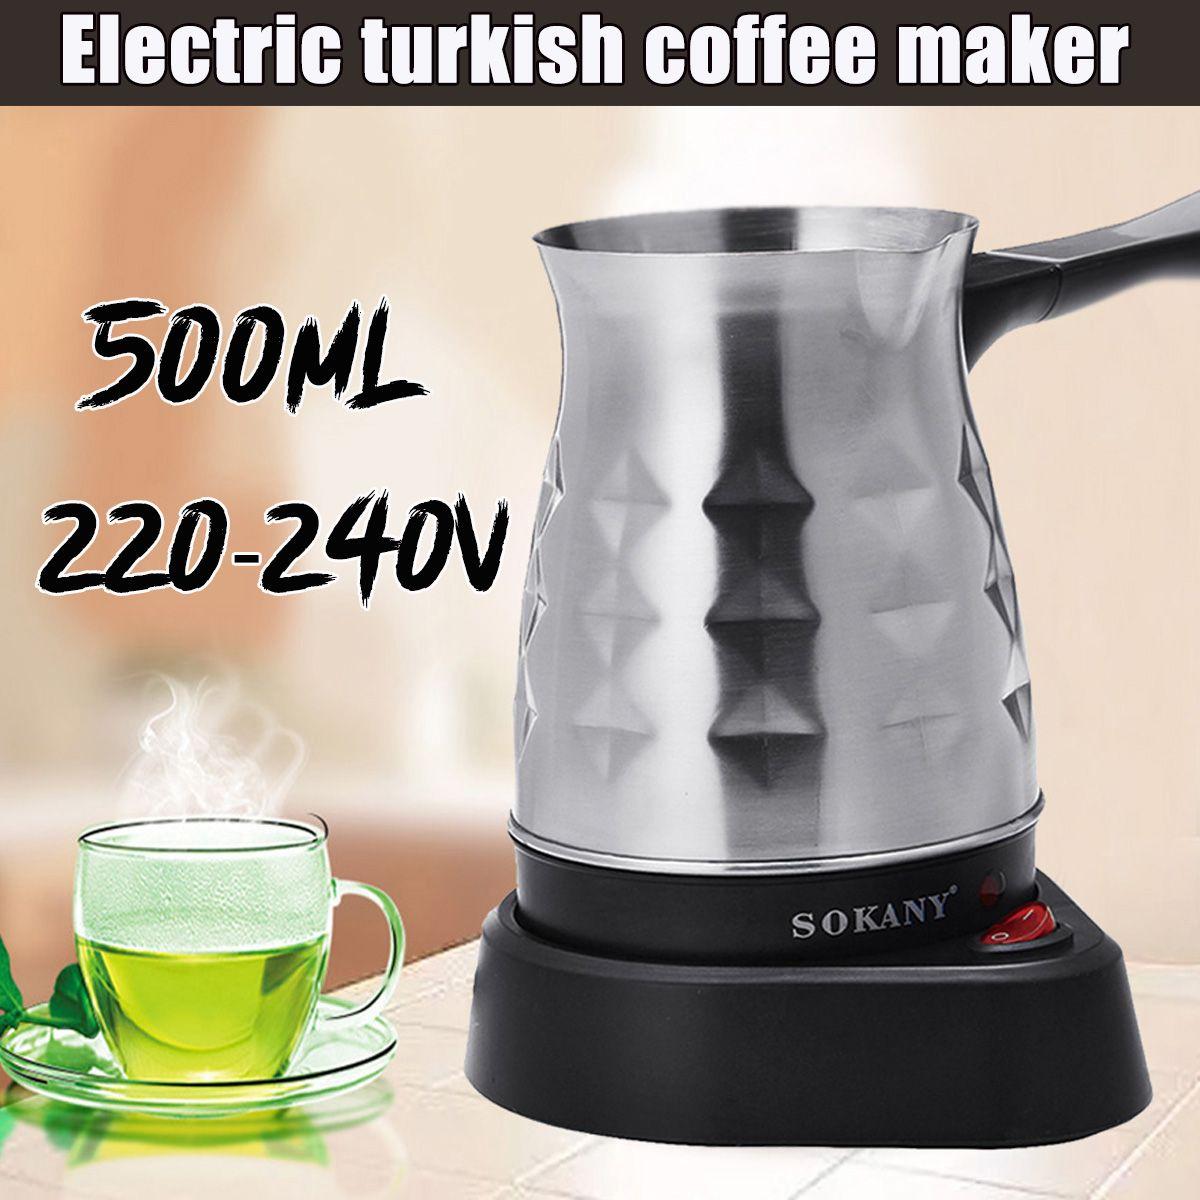 500 мл, электрическая кофеварка, чайник, 600 Вт, турецкий эспрессо, Перколятор, для дома и офиса, нержавеющая сталь, чай, молоко, кофе машина